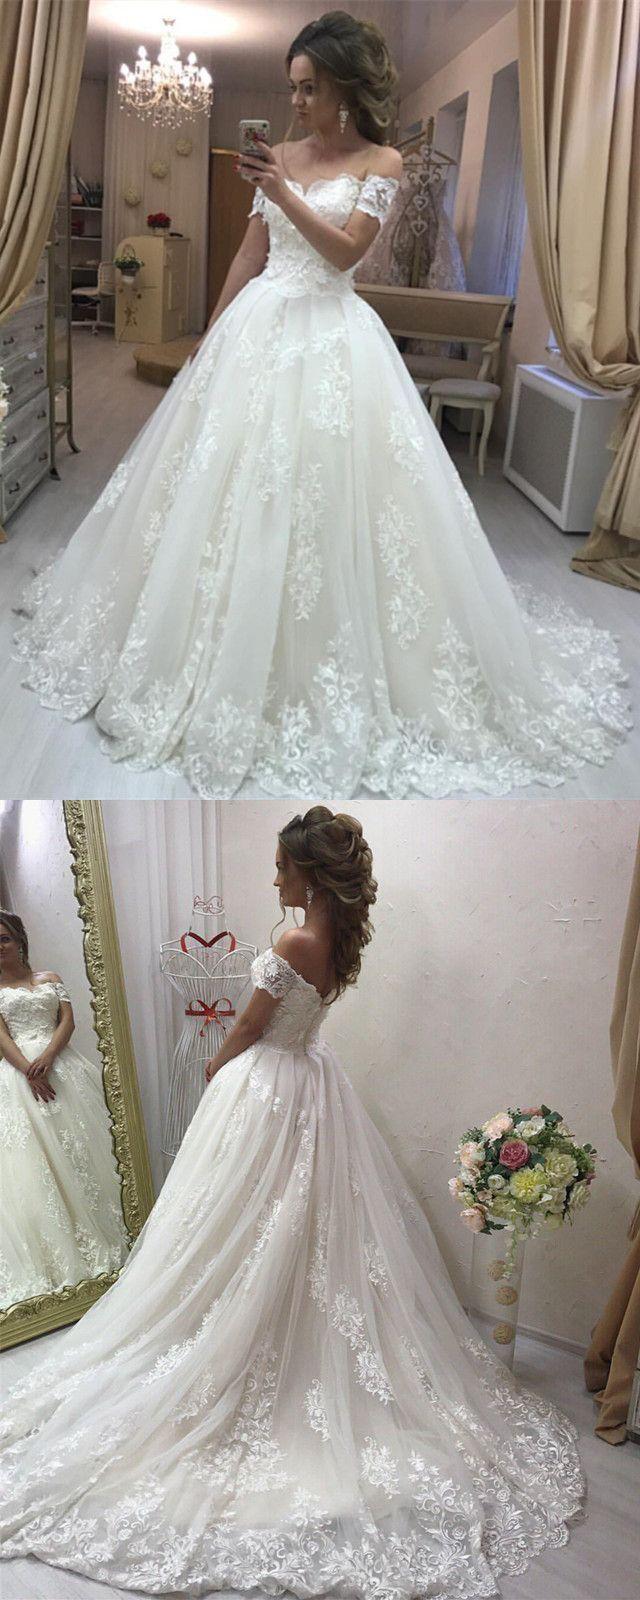 Spitze Stickerei Schulterfrei Tüll Brautkleider  #brautkleider